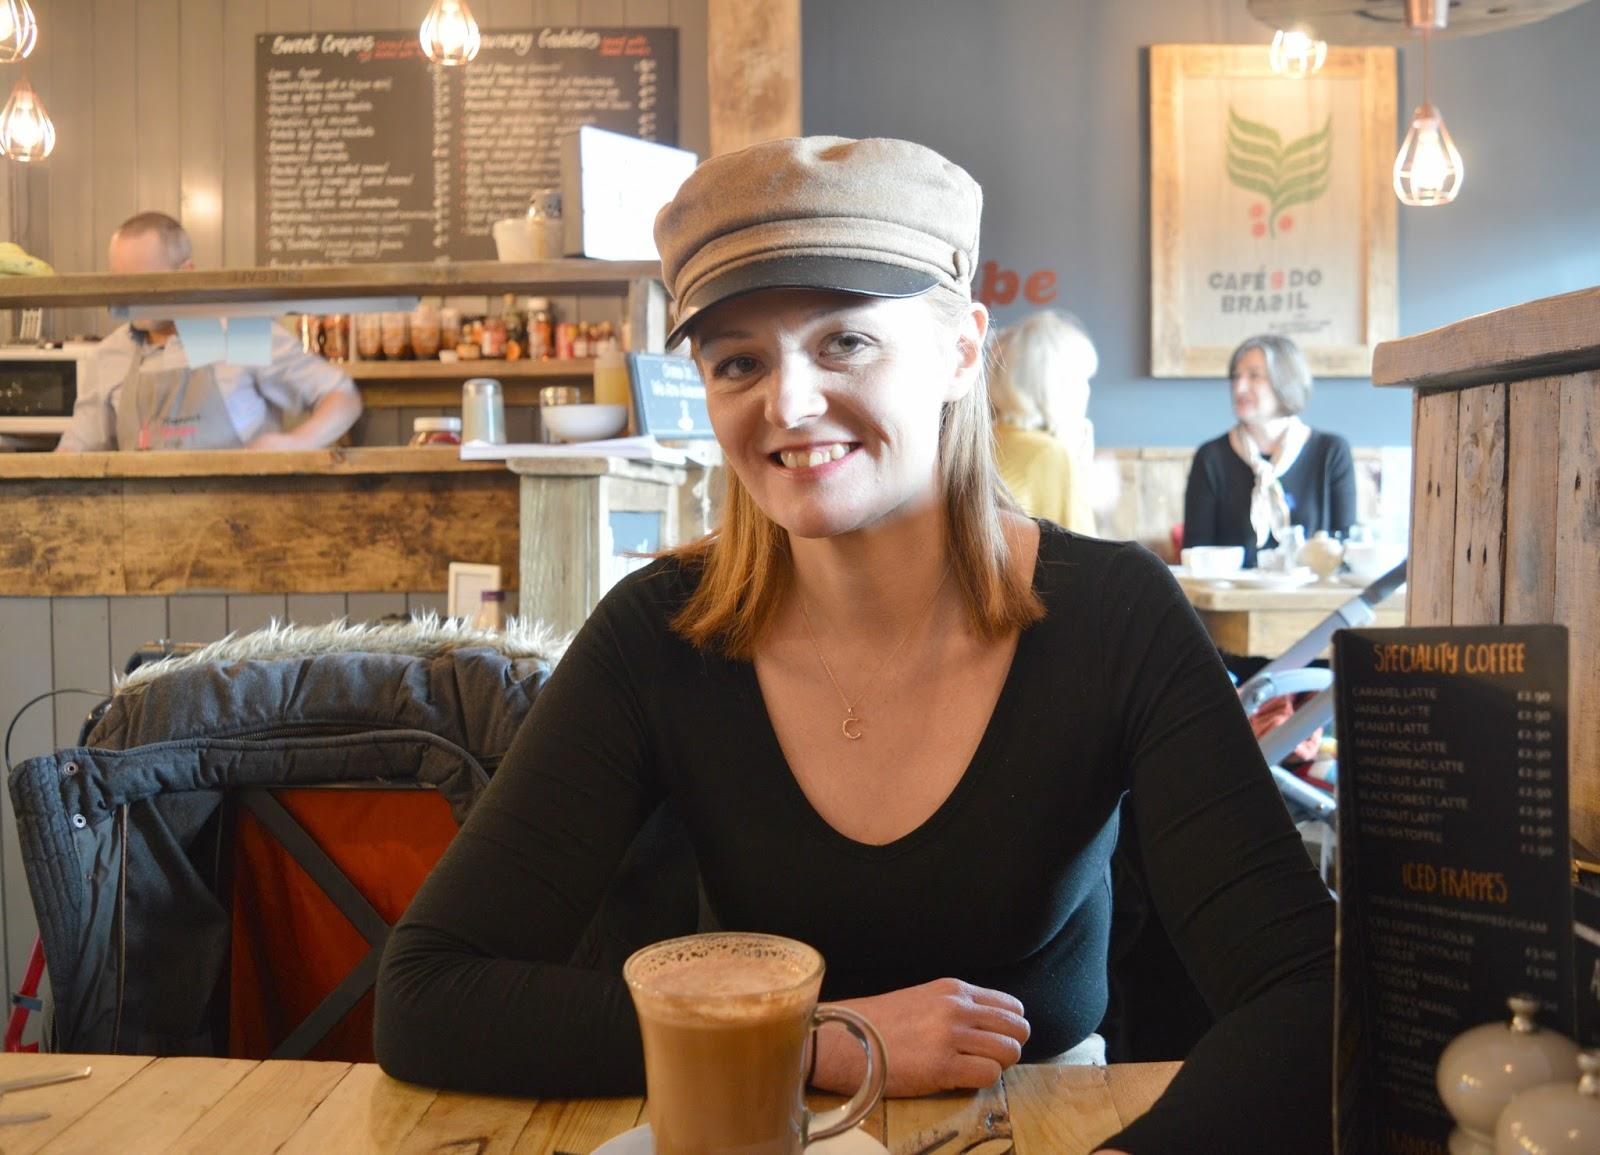 Pancake Day Monsieur Crepe Cafe, Heaton